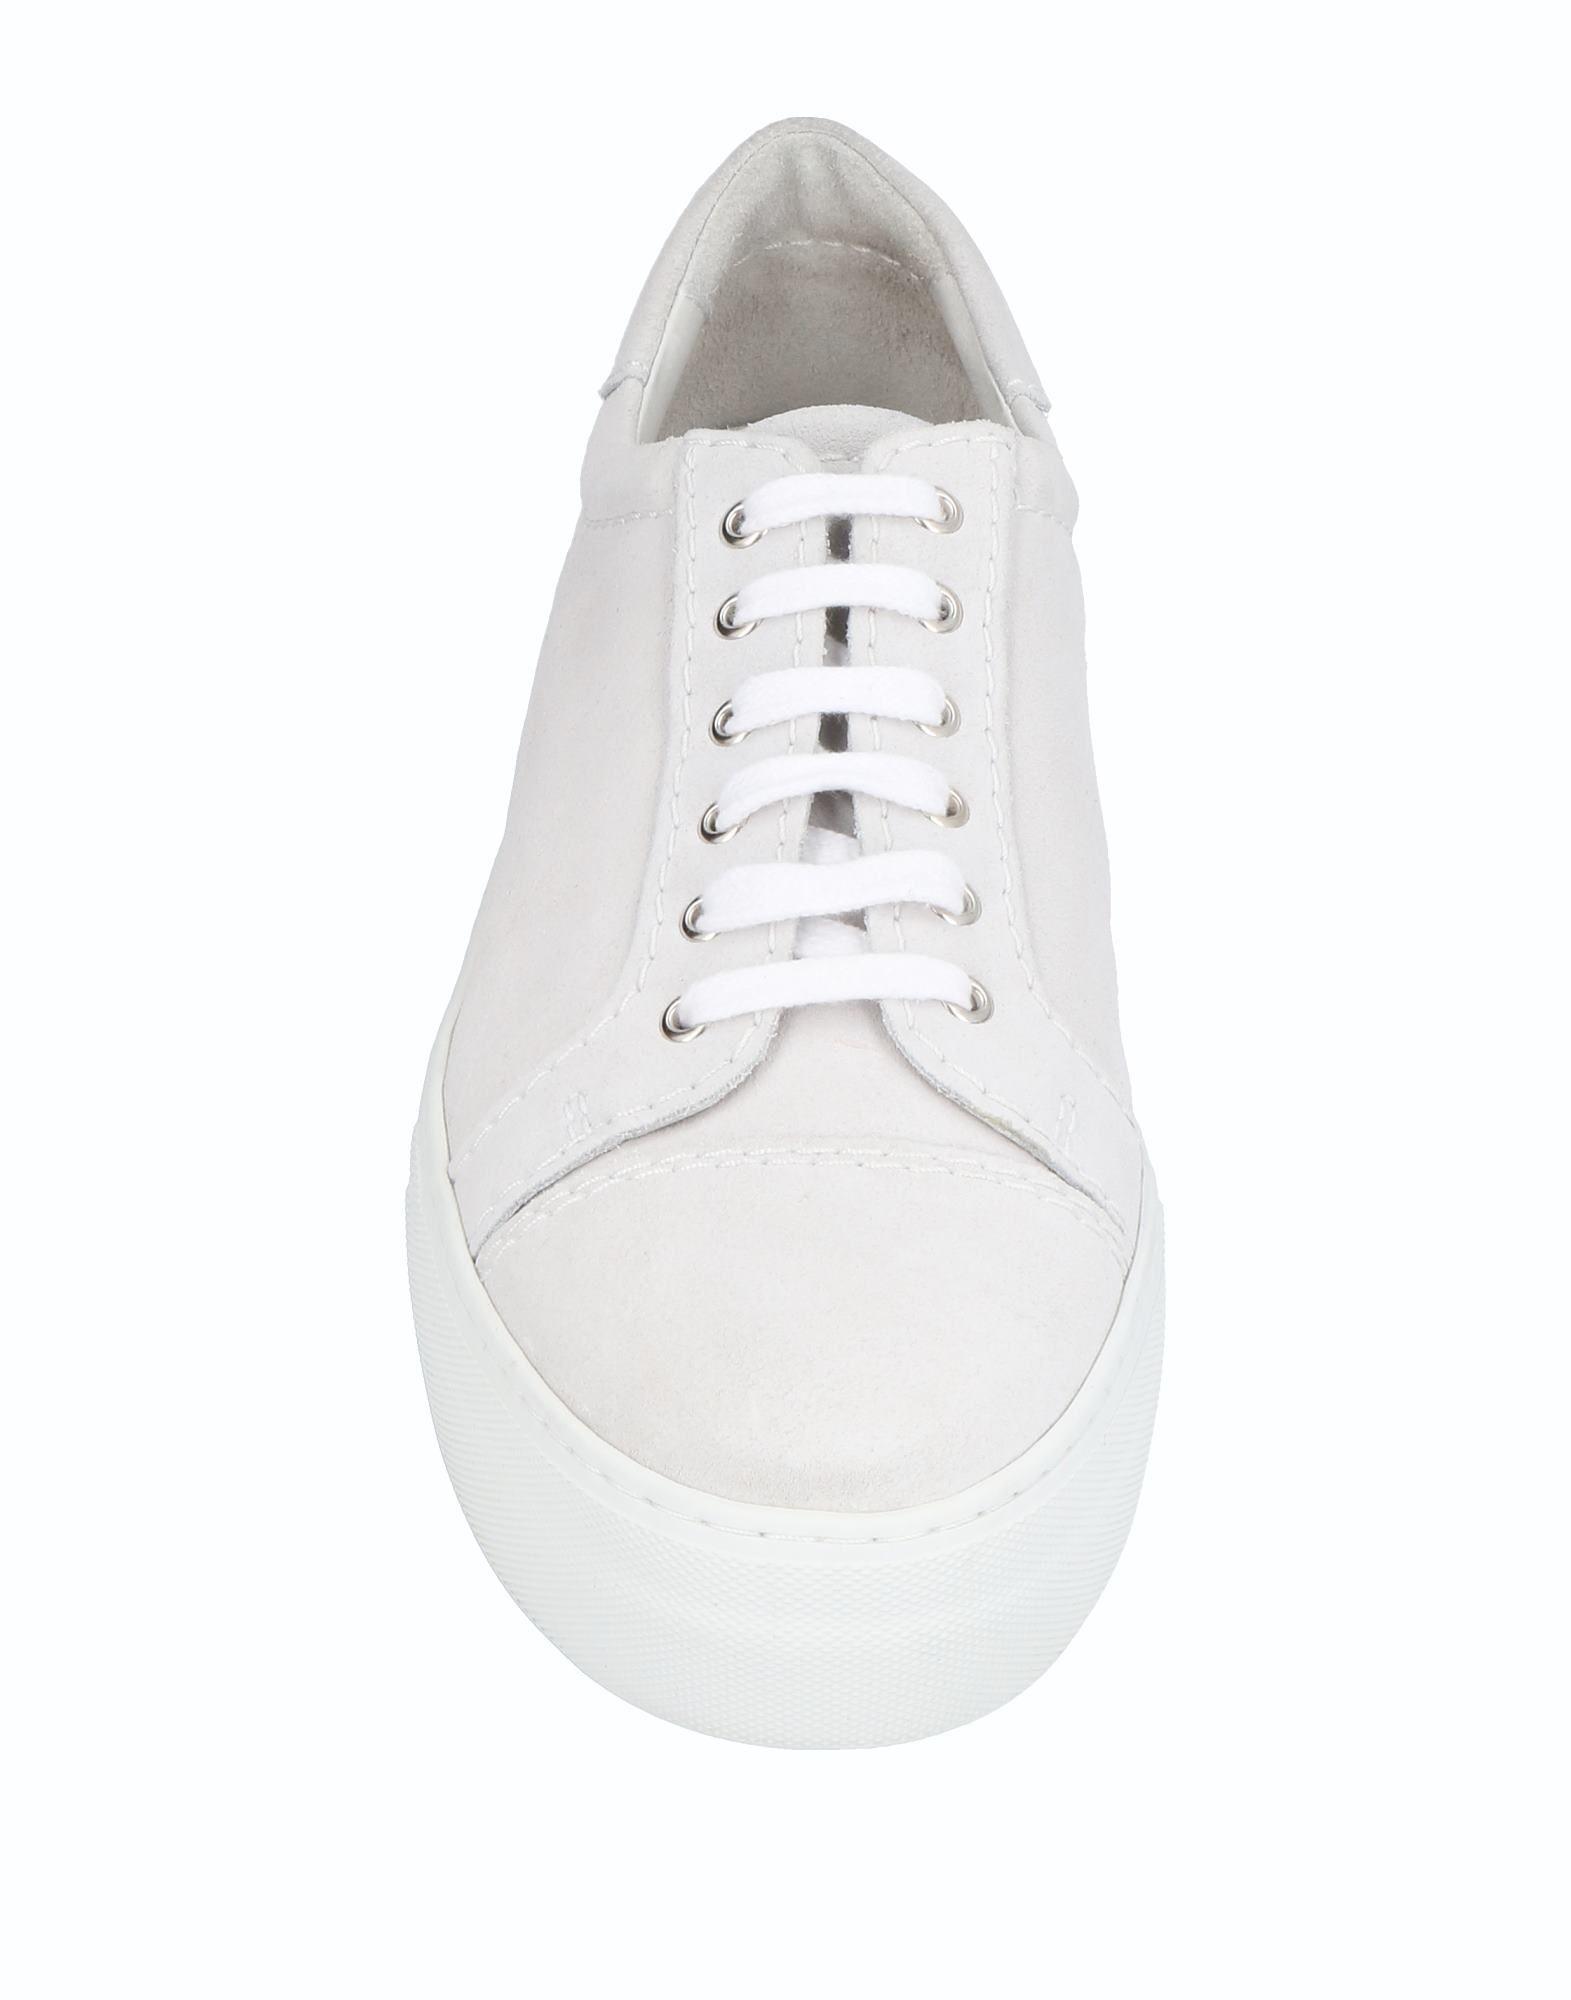 Comme Des Herren Garçons Shirt Sneakers Herren Des  11463532WN b06c8f